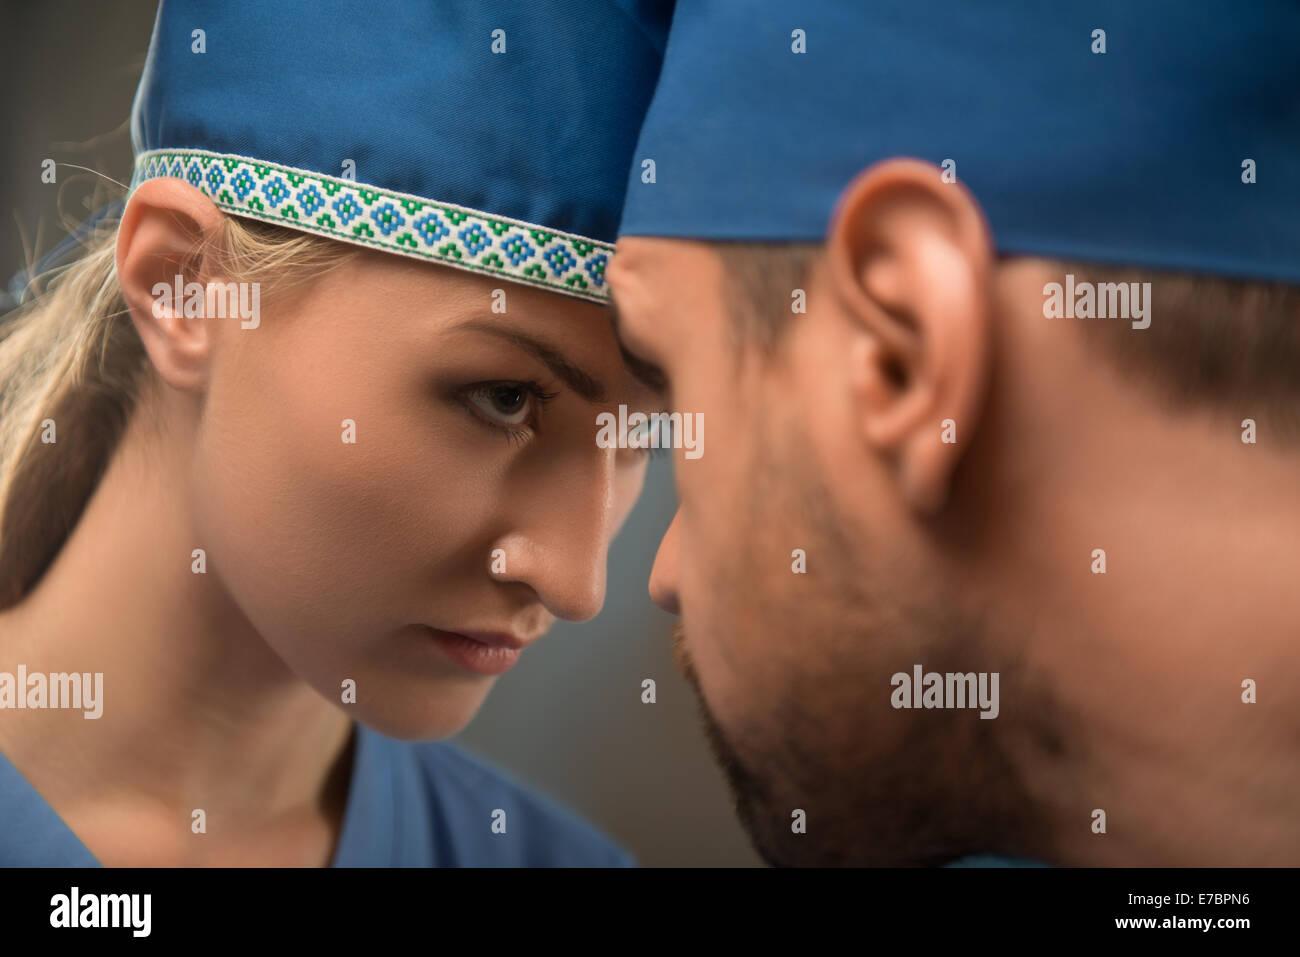 El trabajo duro de los médicos Imagen De Stock